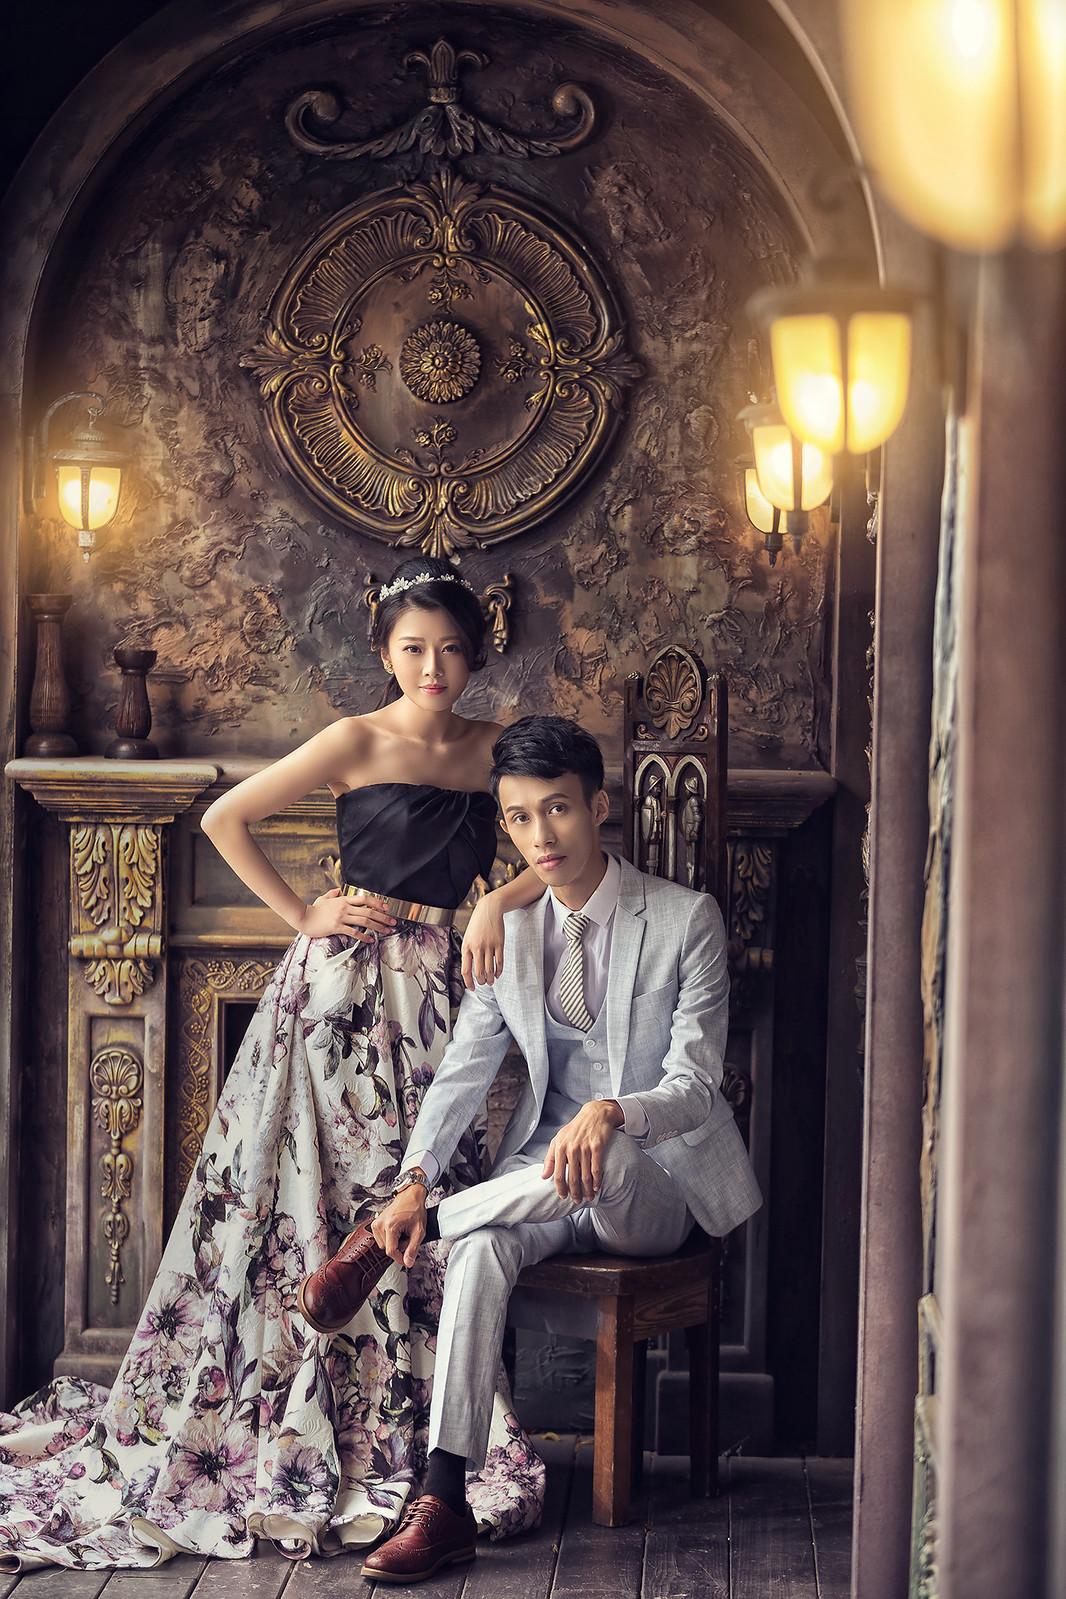 181103-0008-婚紗攝影-花色禮服-苗栗-愛麗絲的天空-攝影基地-韓風